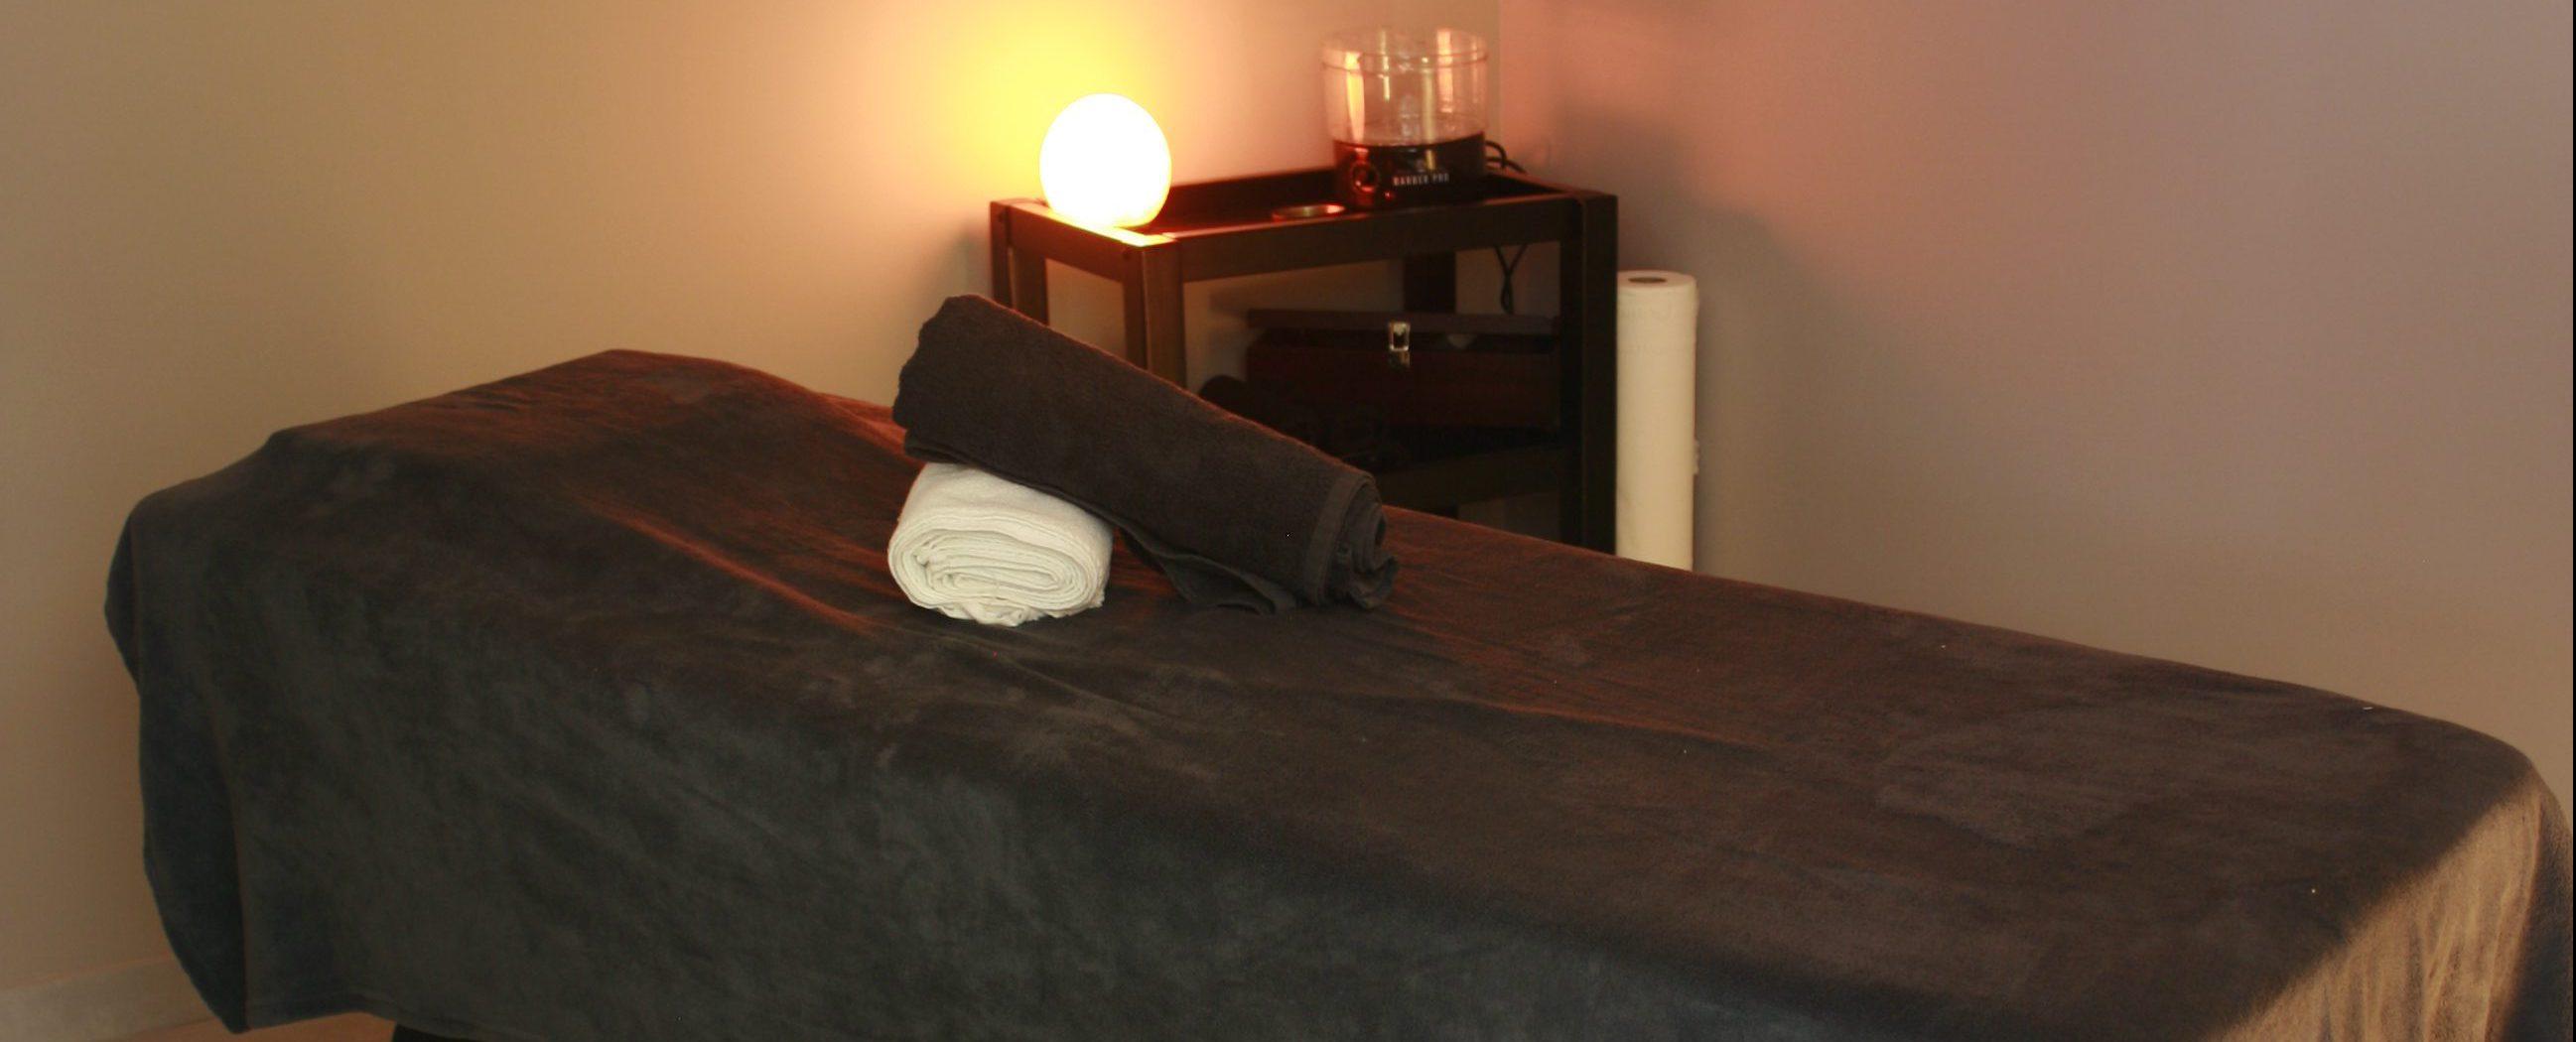 Table massage Bien être